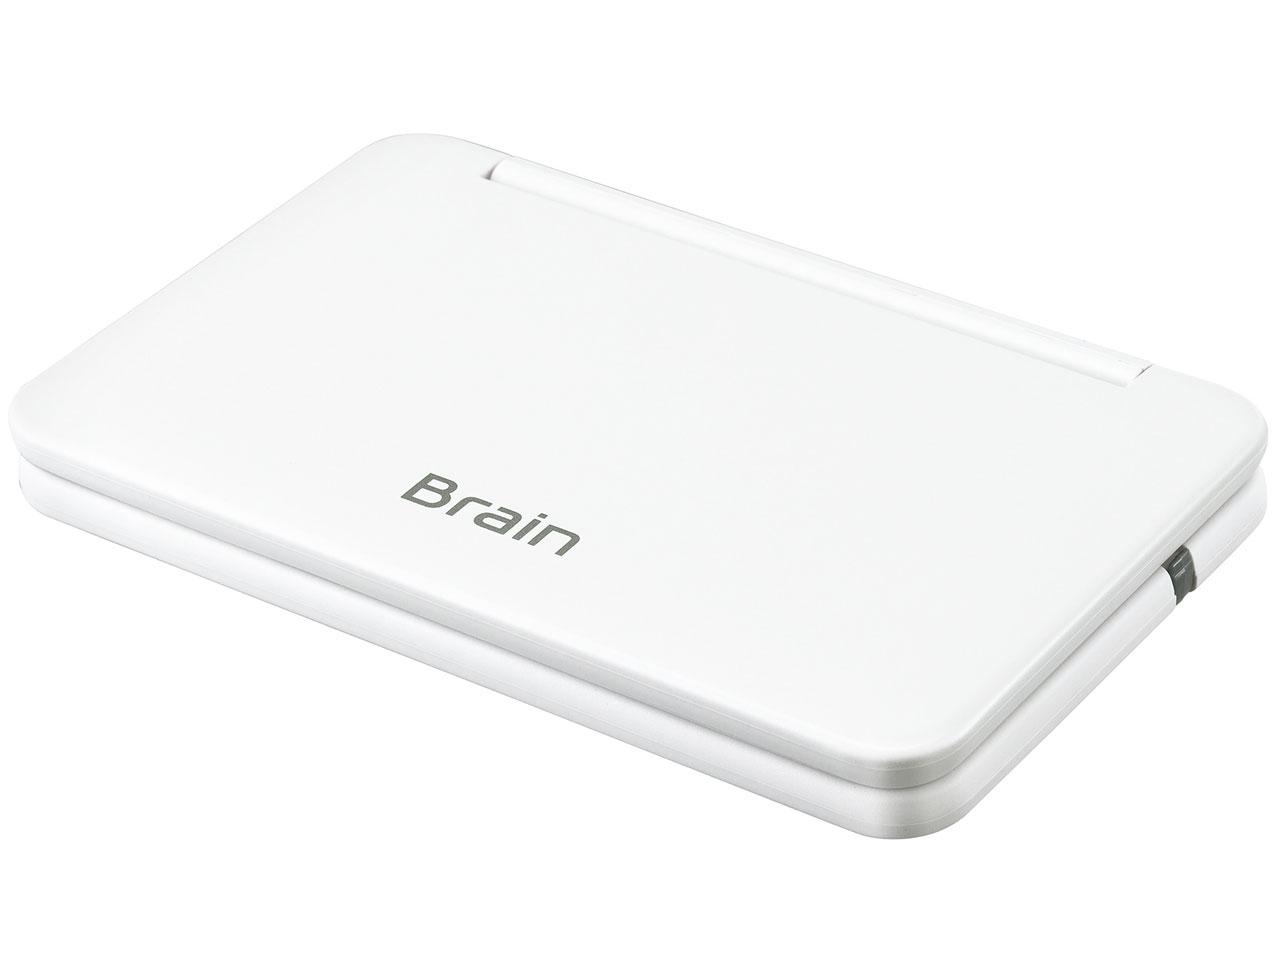 シャープ(SHARP)<br>Brain PW-SH7-W [ホワイト系] 電子辞書 Brain(ブレーン) 高校生モデル 260コンテンツ ホワイト